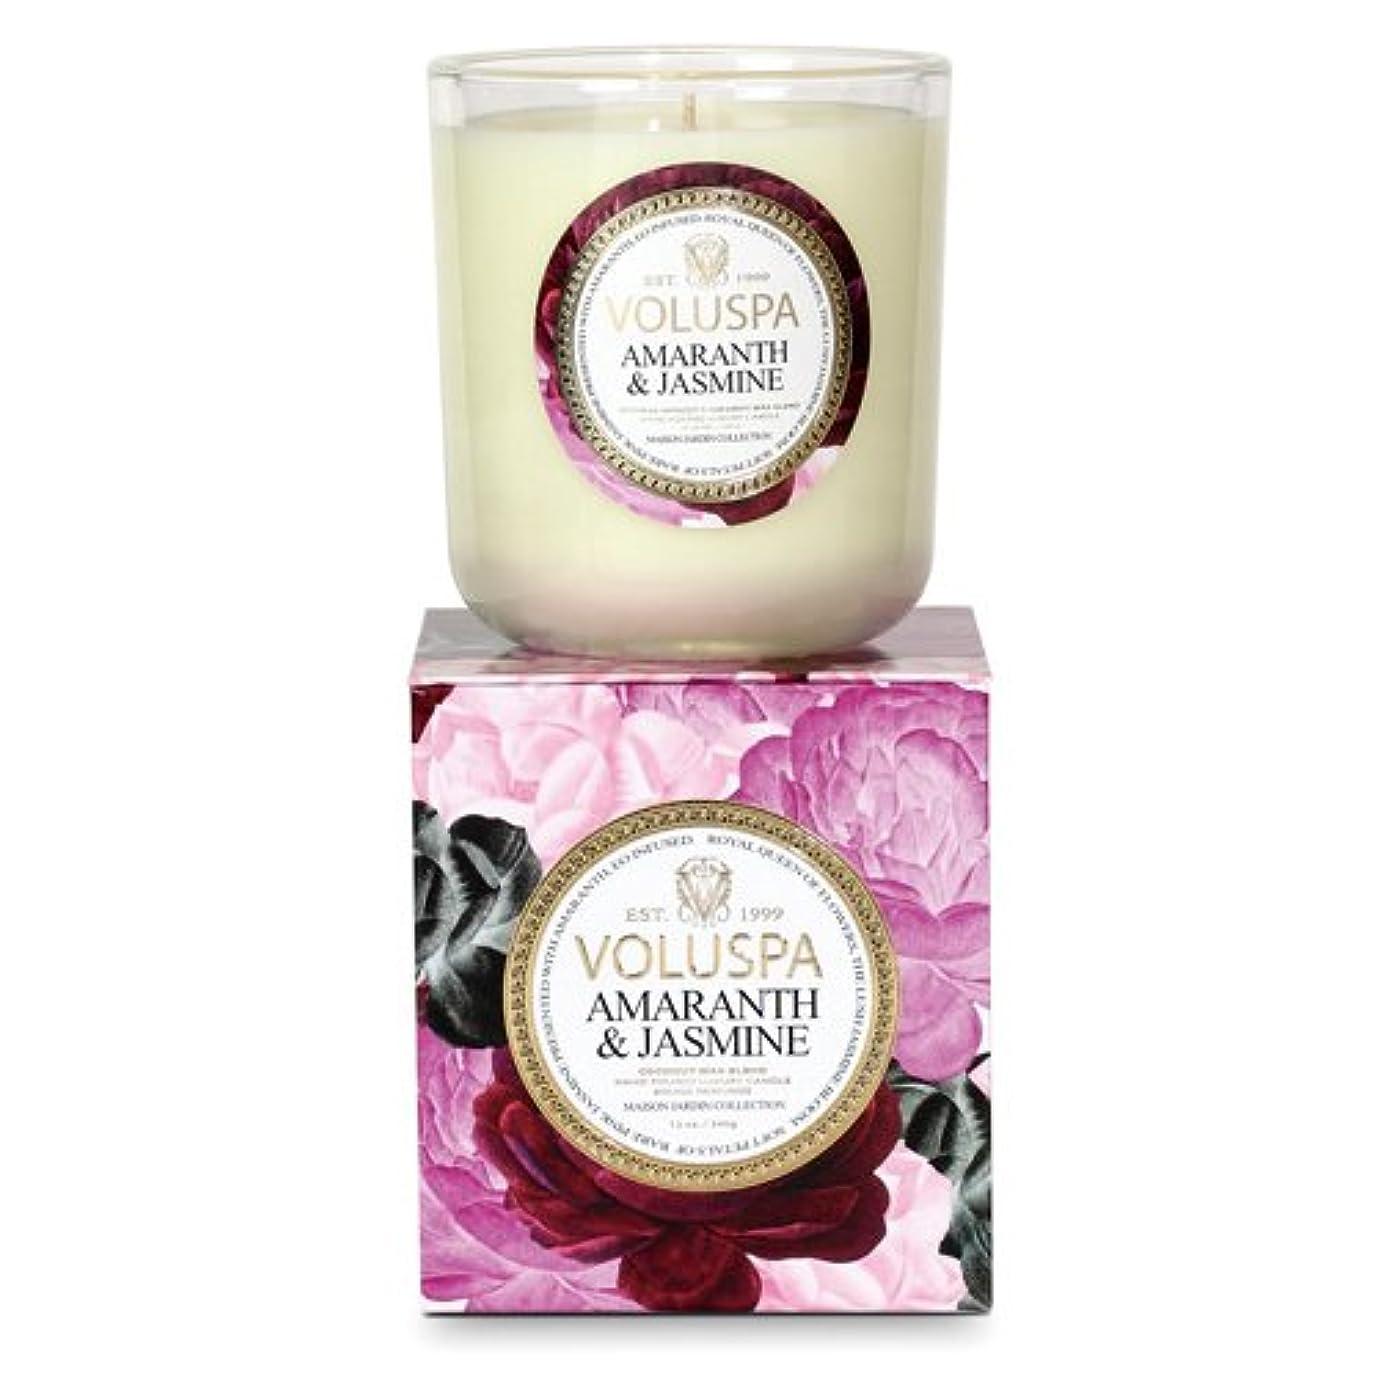 契約接触補体Voluspa ボルスパ メゾンジャルダン ボックス入りグラスキャンドル アマランス&ジャスミン MAISON JARDIN Box Glass Candle AMARANTH & JASMINE